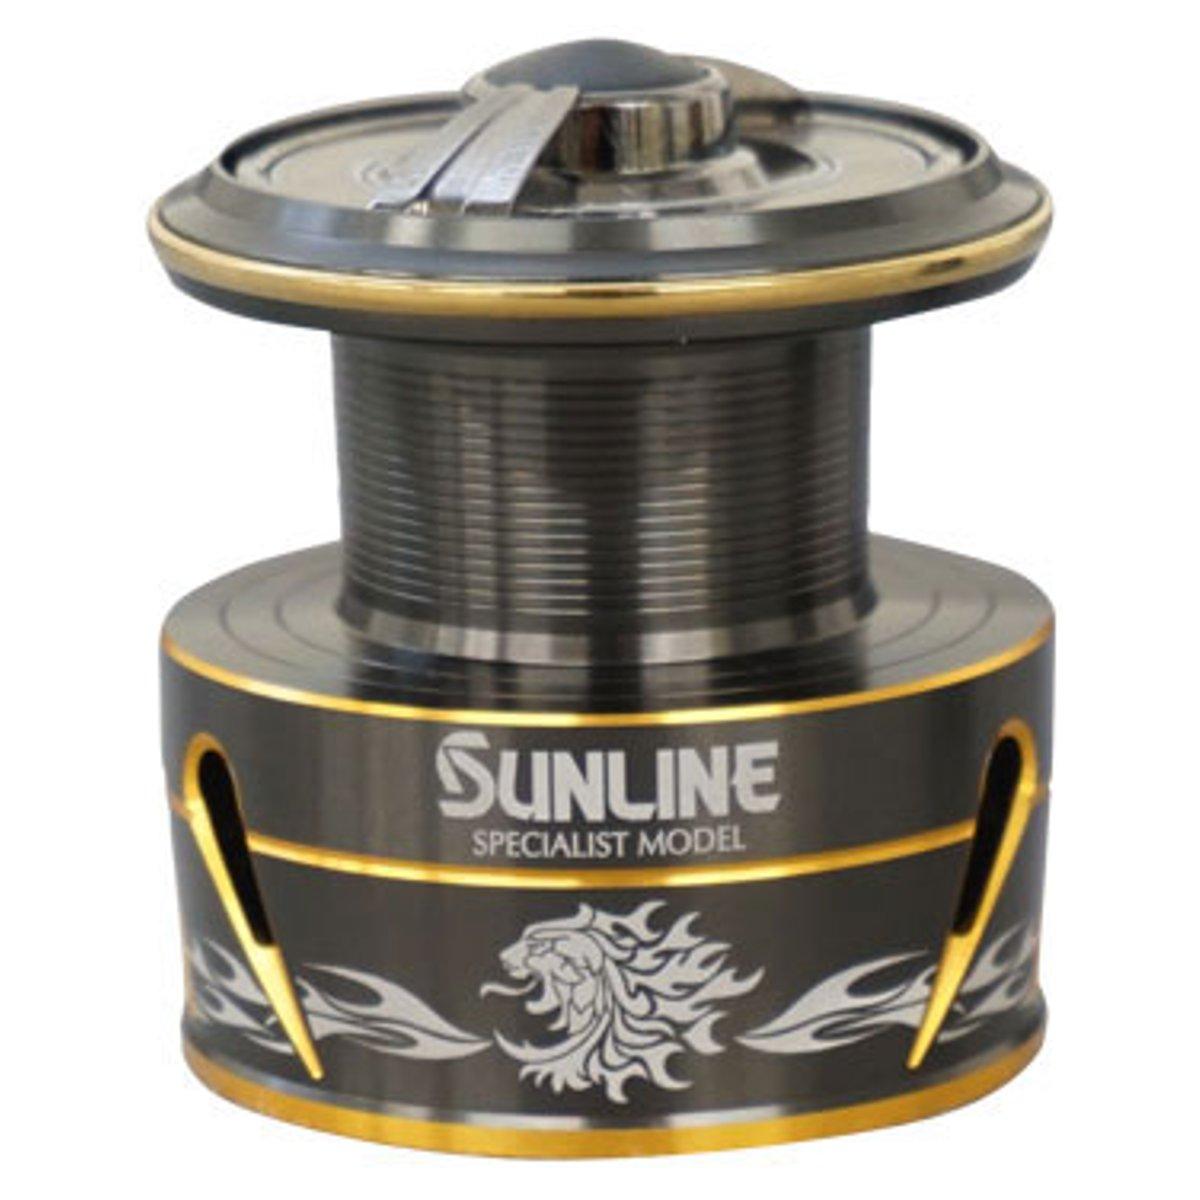 サンライン スペシャリストスプール SSM-3019 ゴールド